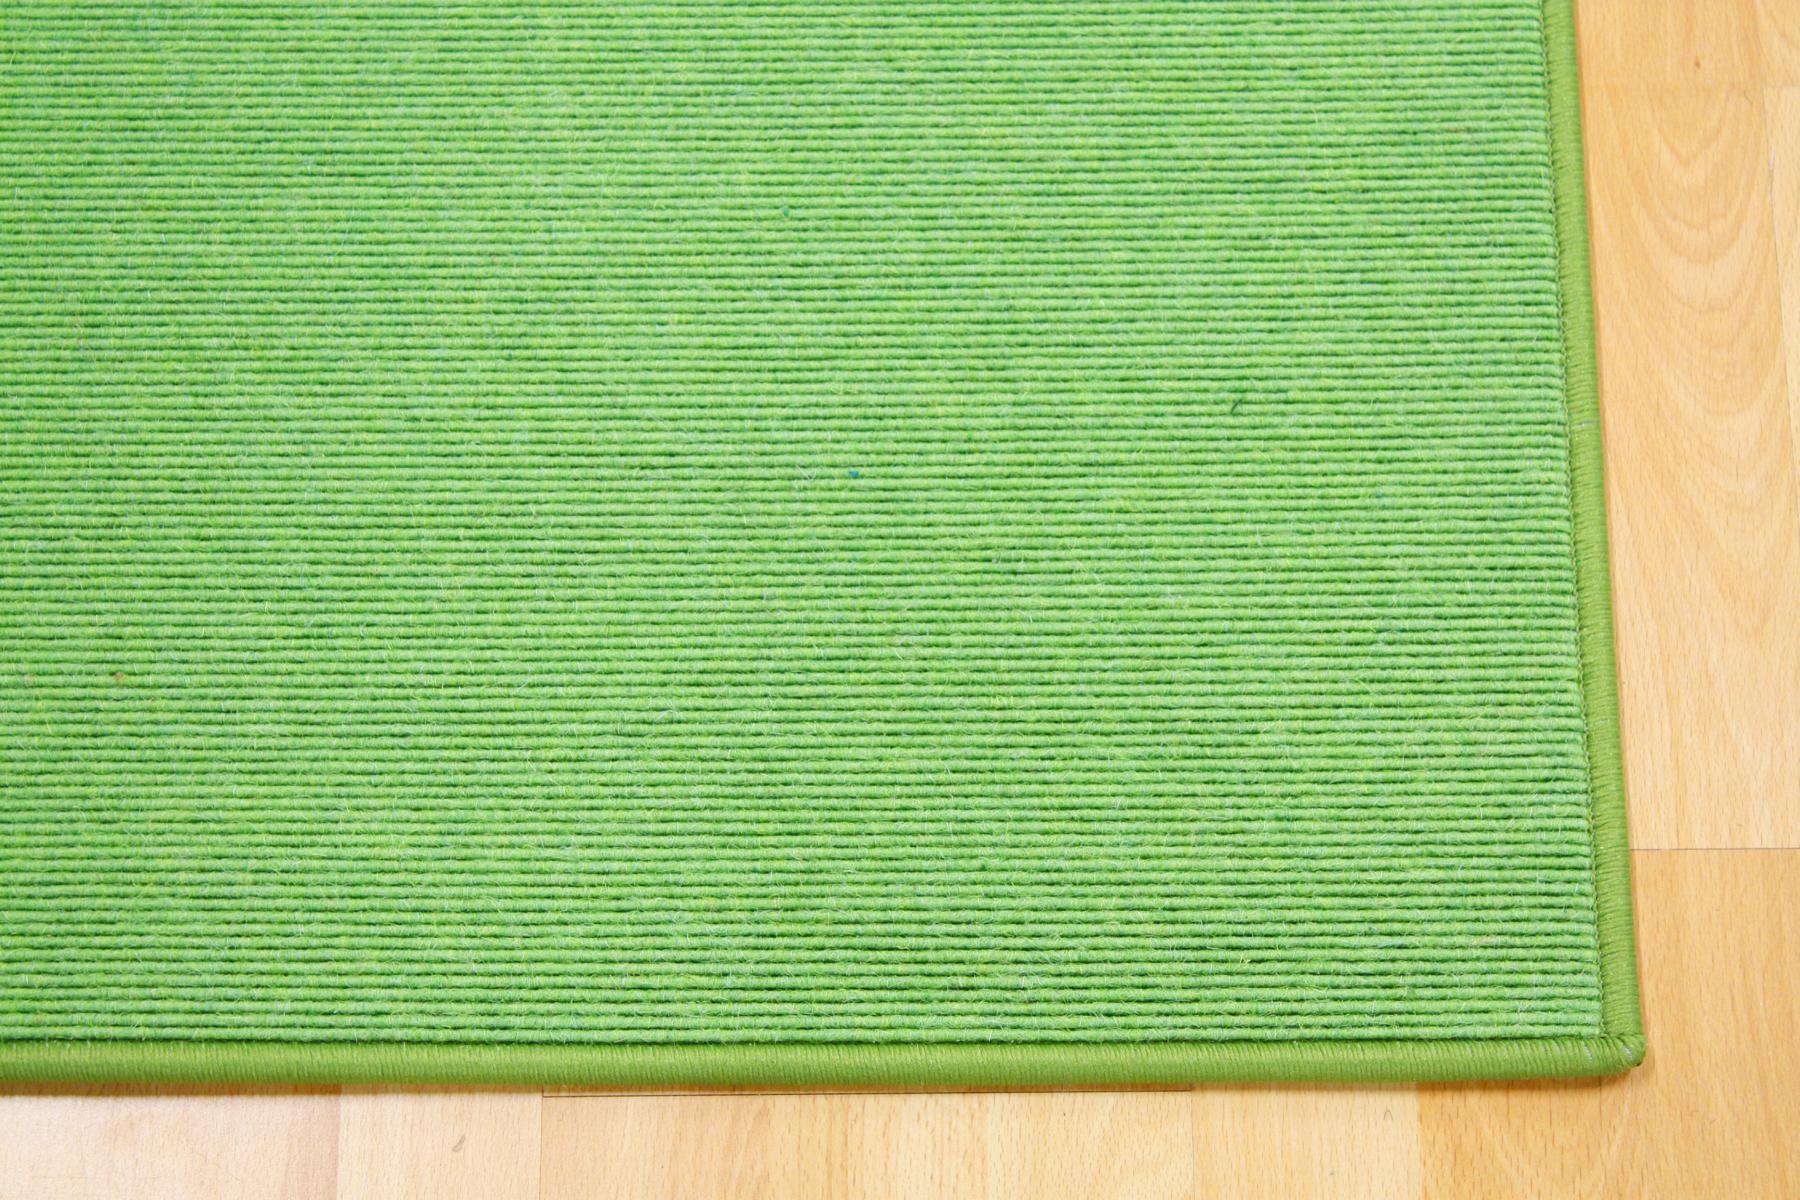 Teppich Tretford 580 umkettelt 250 x 200 cm Ziegenhaar